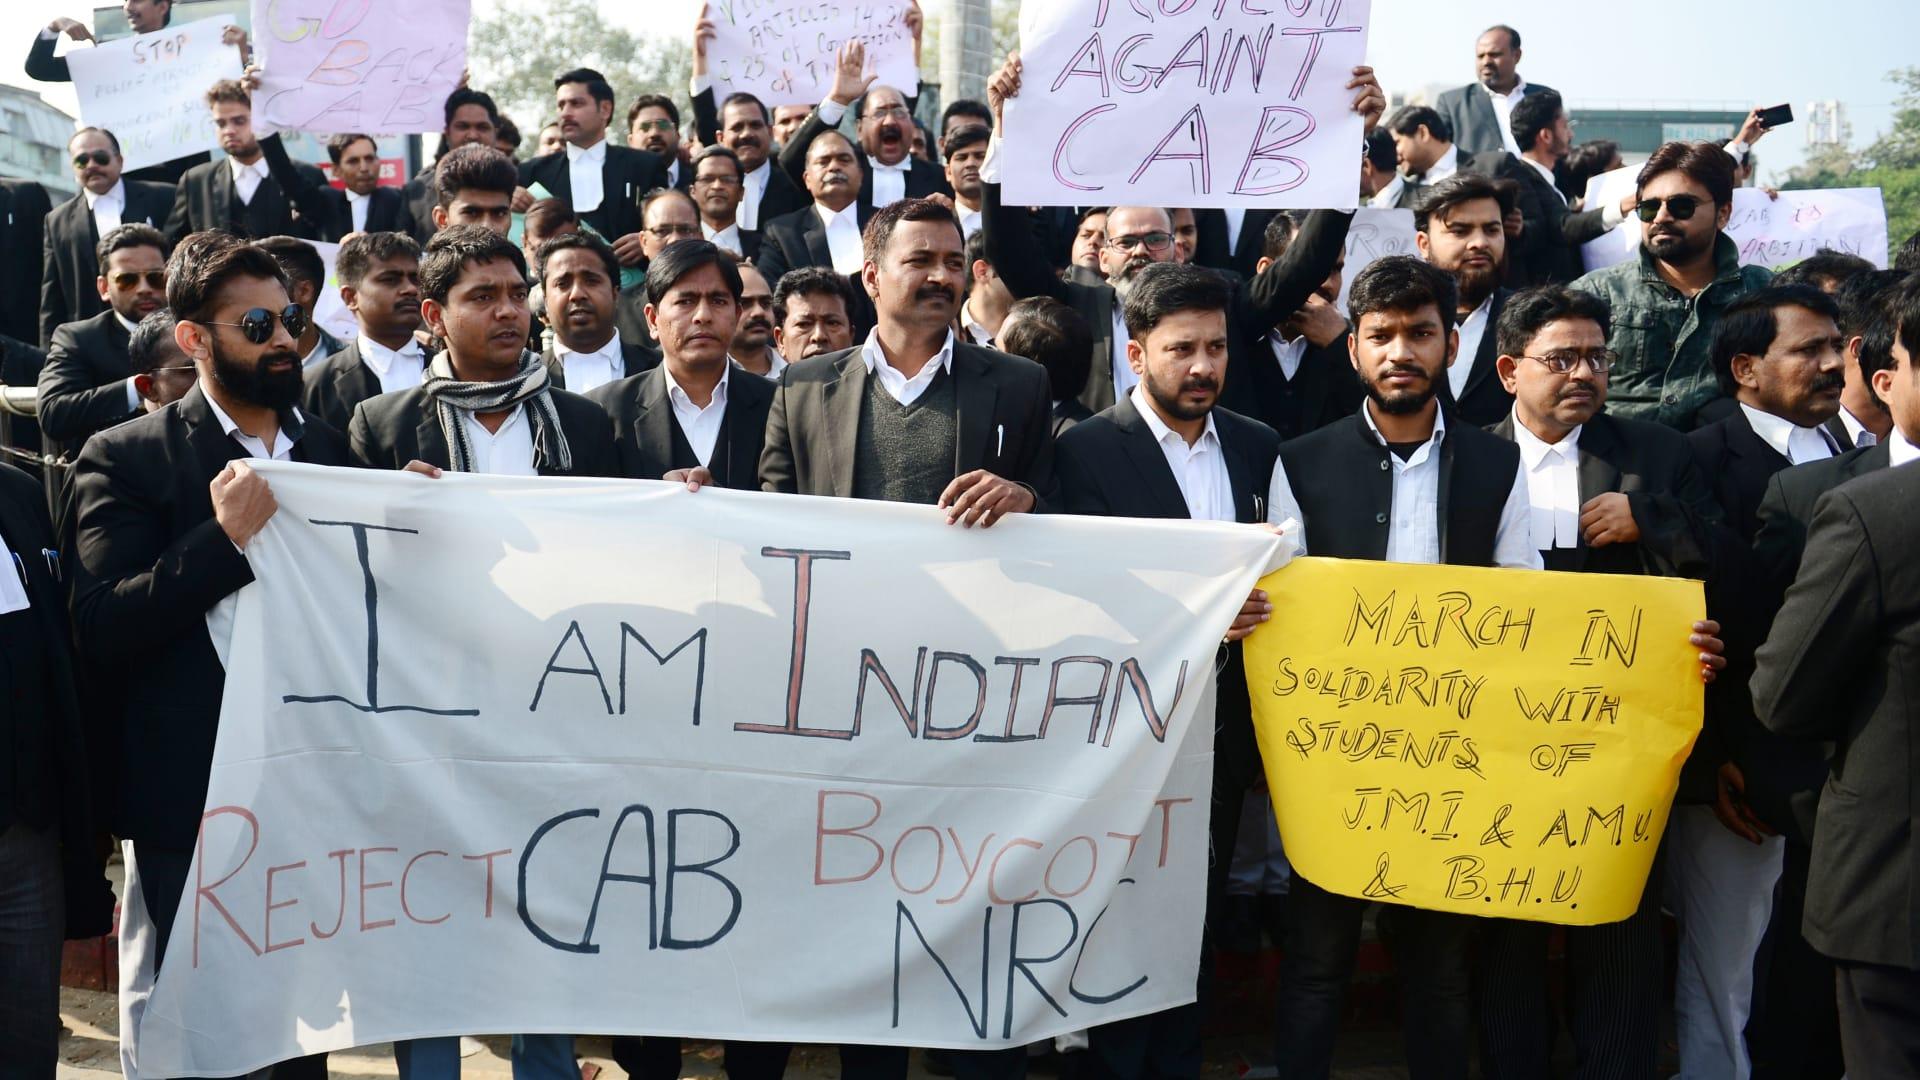 مشروع قرار مثير للجدل بالهند يمنح الجنسية لغير المسلمين فقط